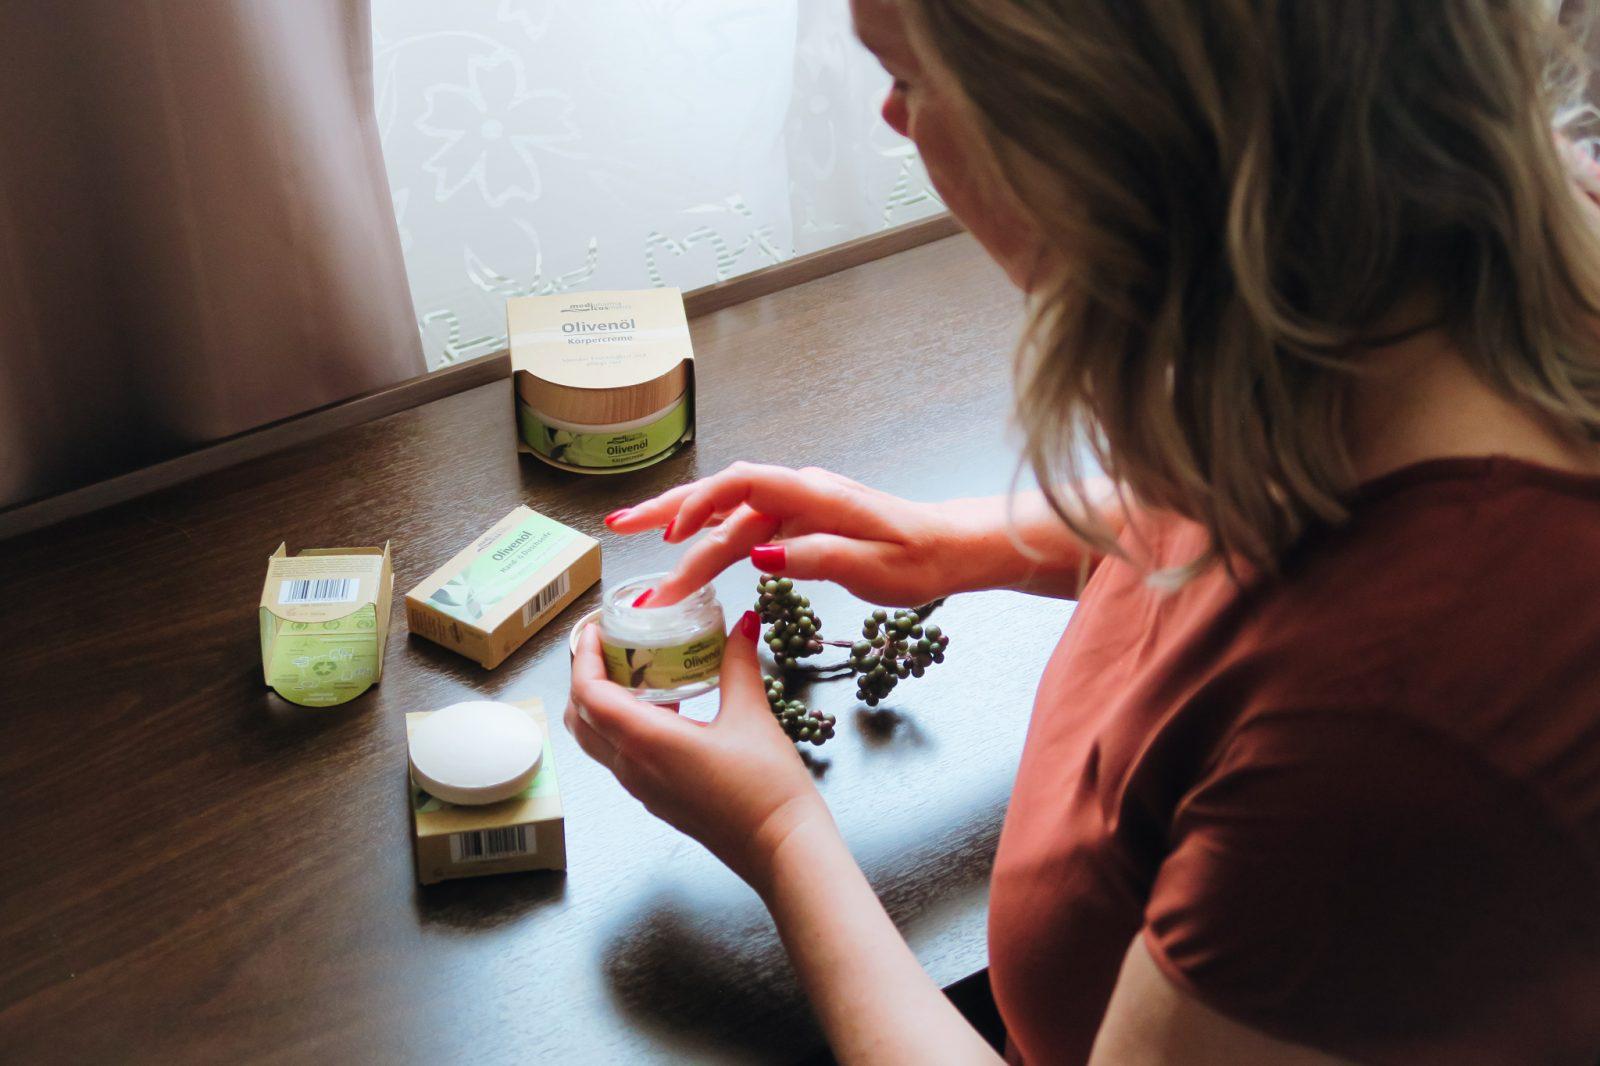 Die nachhaltige Bio-Olivenöl-Pflegeserie von medipharma cosmetics aus der Apotheke im Test